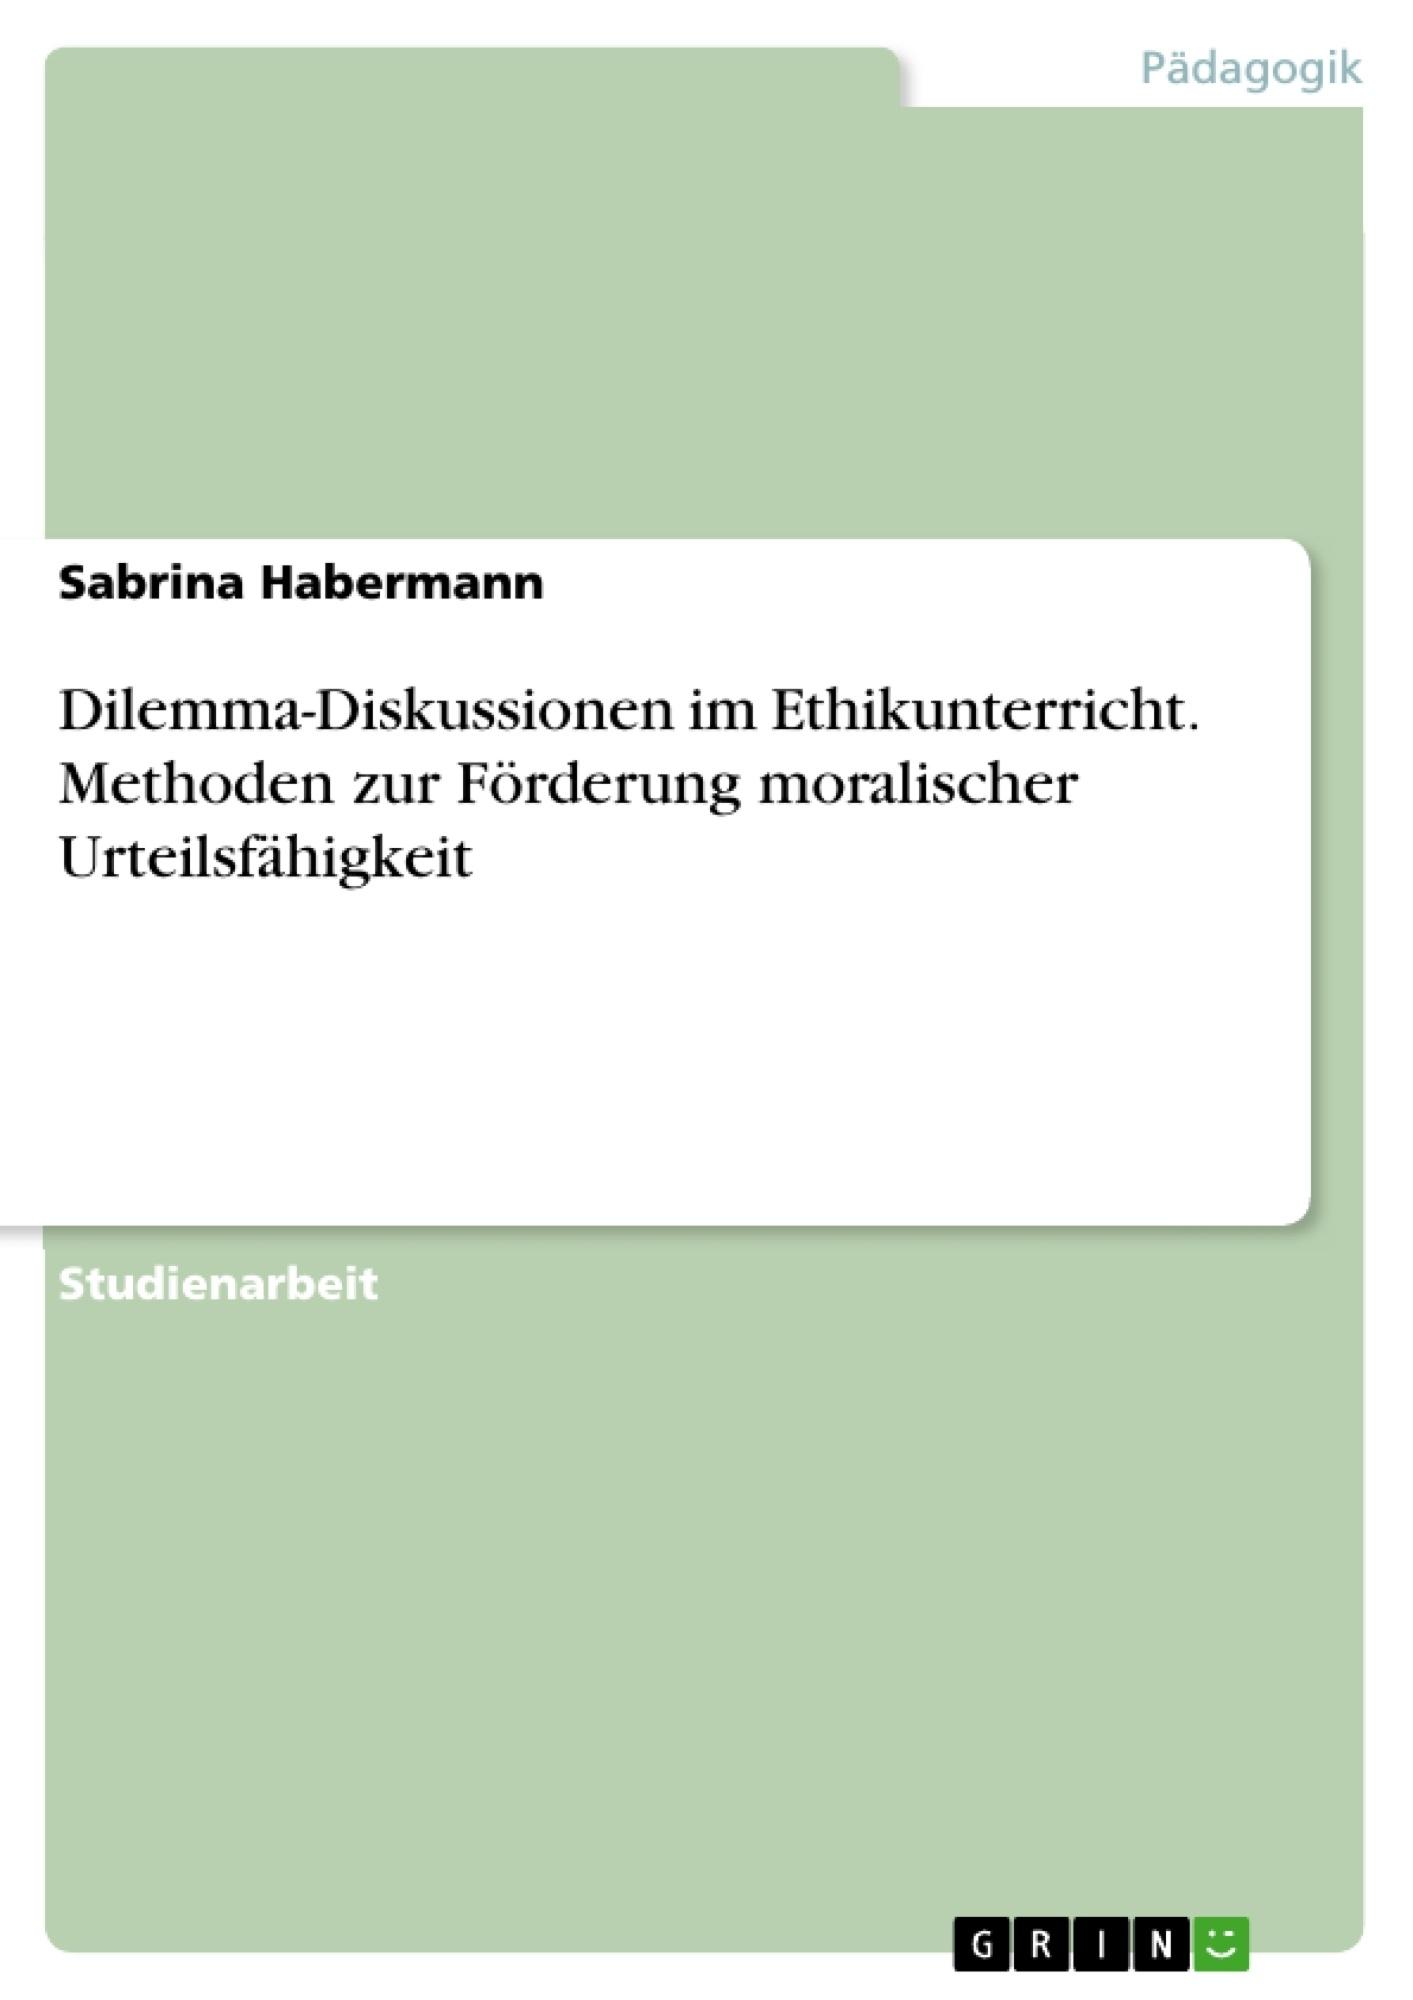 Titel: Dilemma-Diskussionen im Ethikunterricht. Methoden zur Förderung moralischer Urteilsfähigkeit